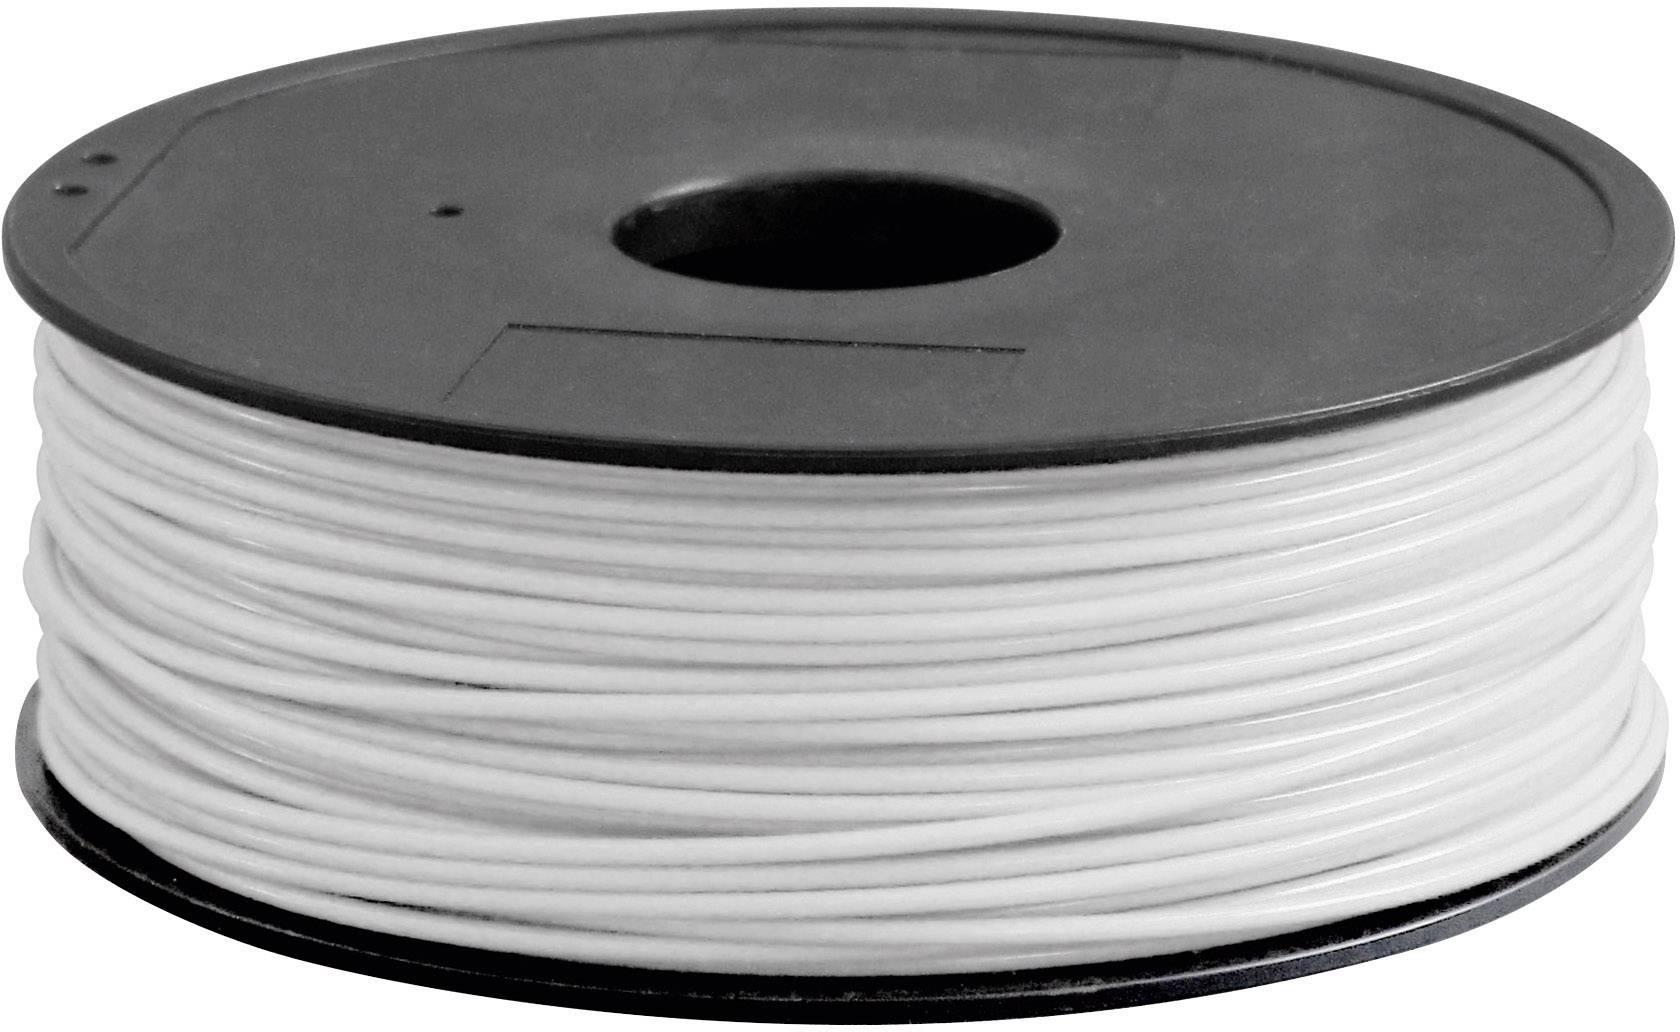 1KG 3D Filament White PLA 3.0 mm